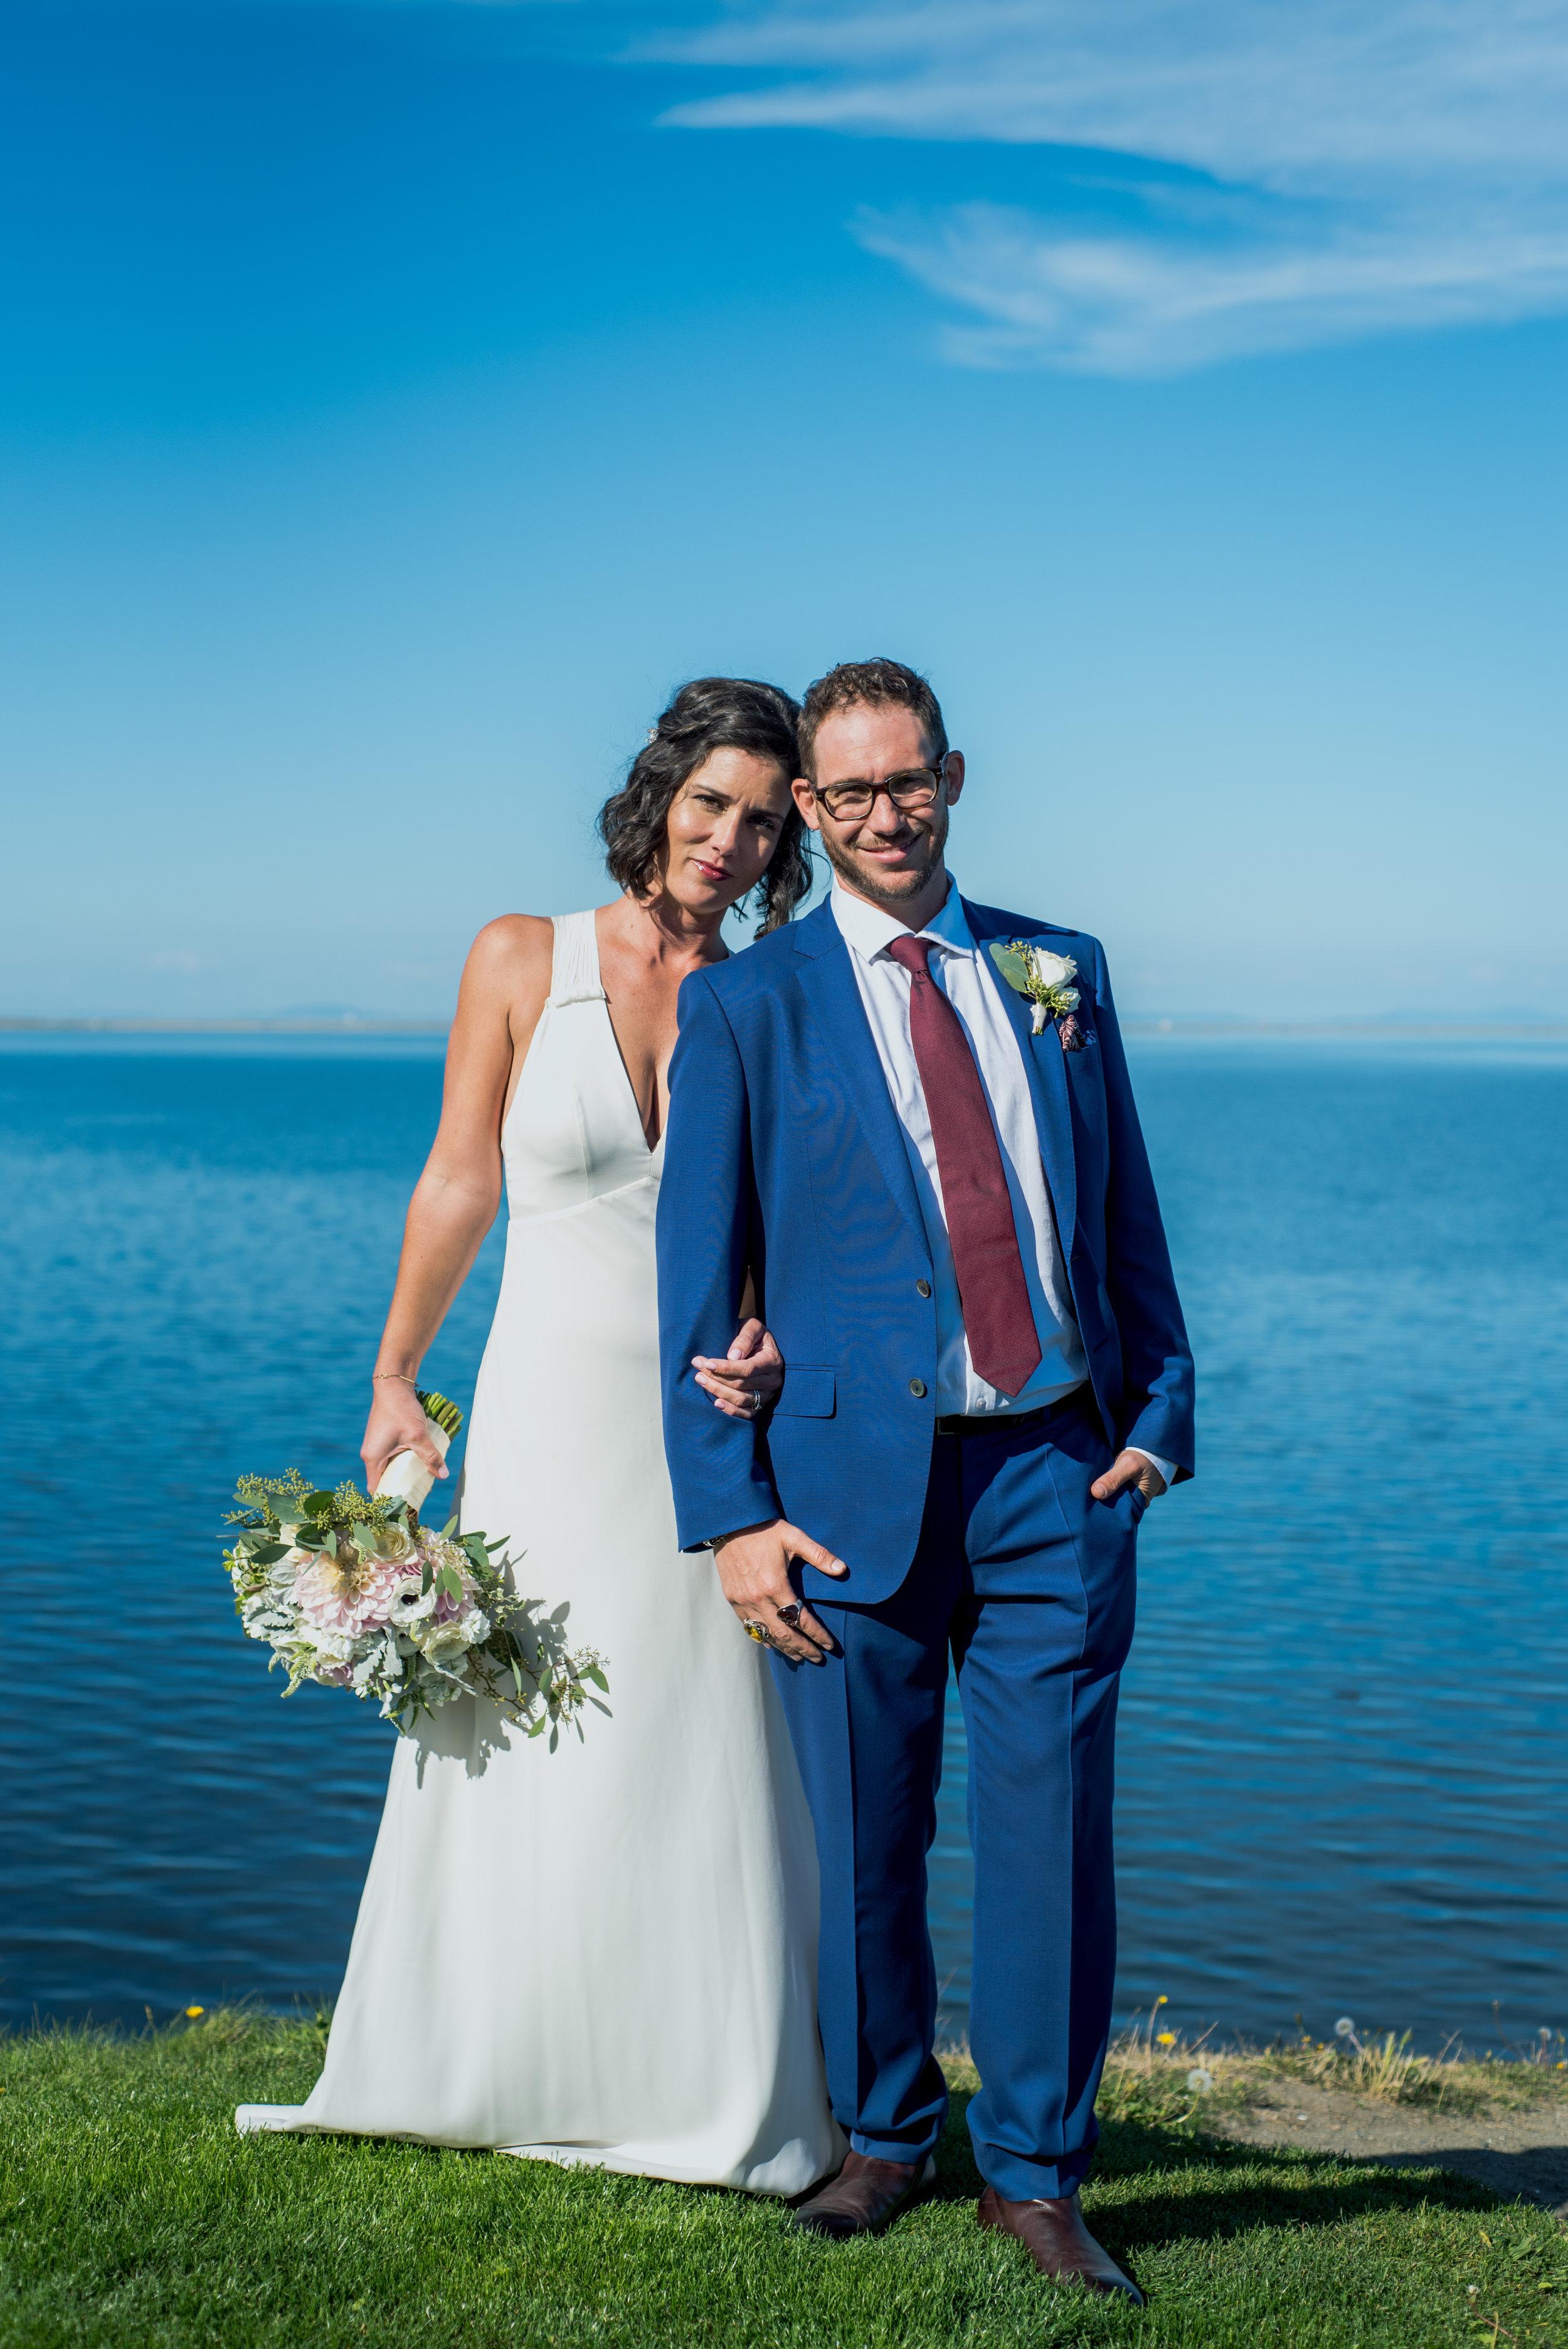 sequim-petrichor photo-elopement-desitination-pacific northwest-cross country-florist-washington-sublime stems-13.jpg